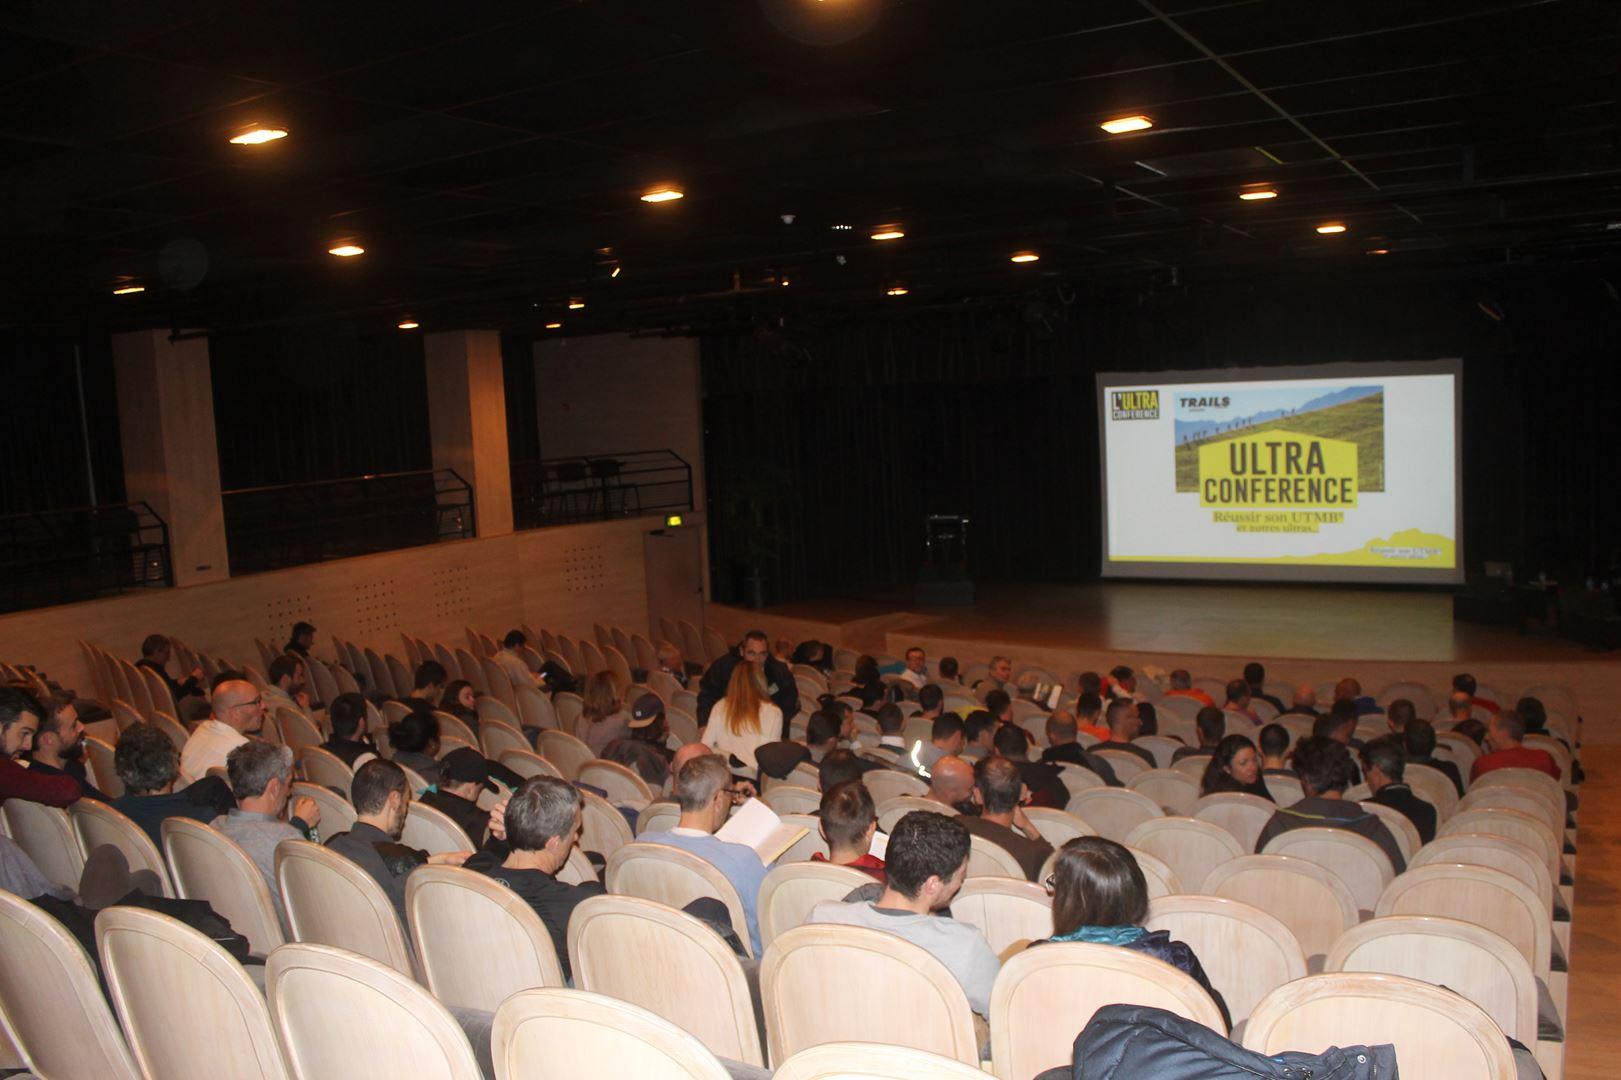 copie 0 IMG 0624 - REUSSIR SON UTMB ET SES ULTRAS (conférence qui s'est déroulée à Chambéry en décembre)